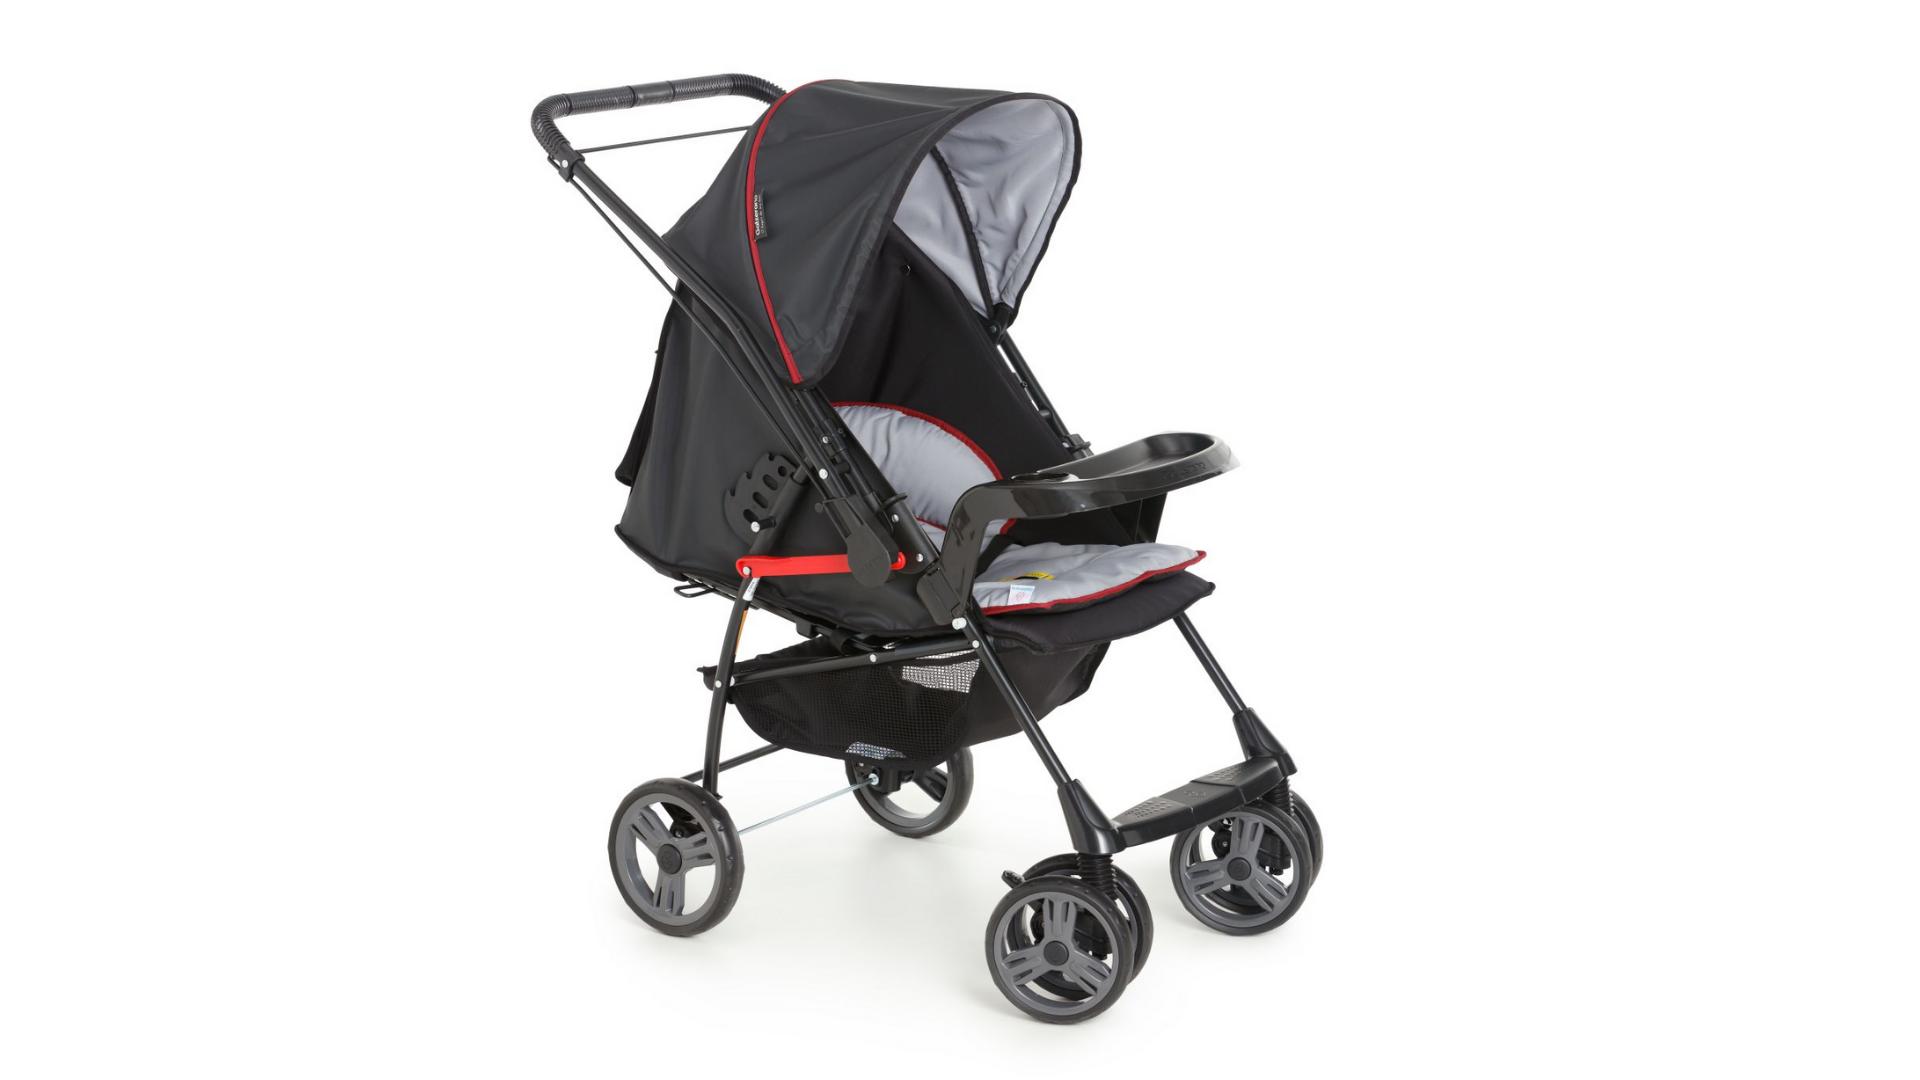 Confira a análise de ficha técnica do carrinho de bebê Galzerano Milano Reversível II! (Imagem: Divulgação/Galzerano)